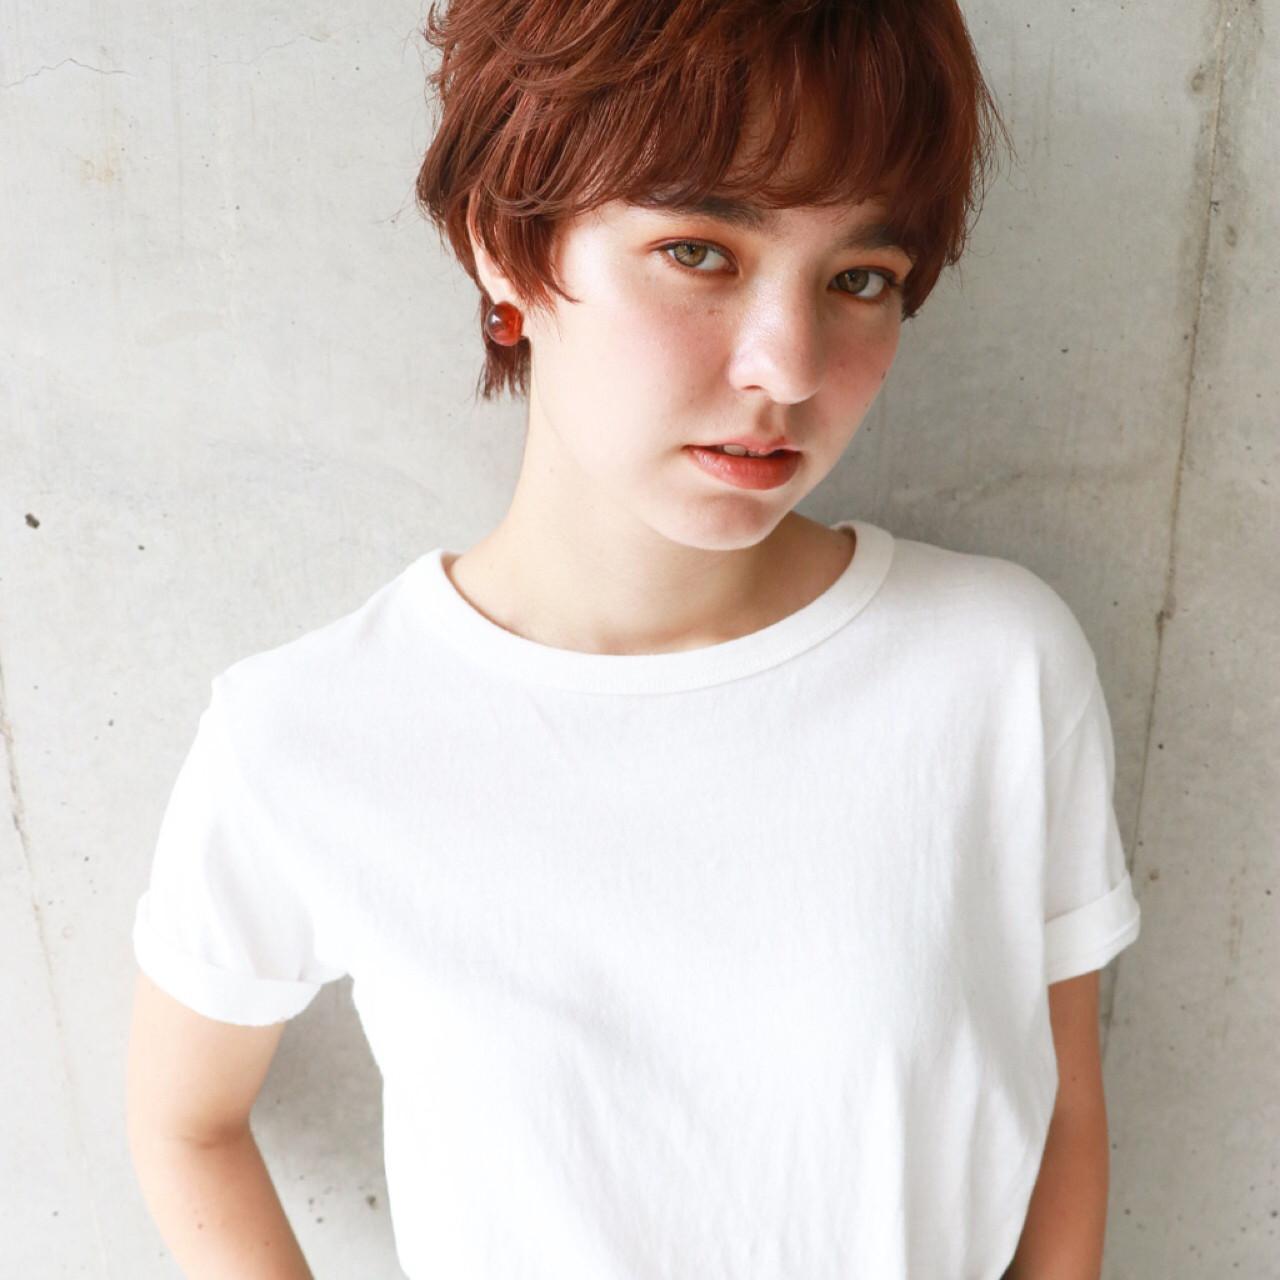 ショート アプリコットオレンジ ナチュラル カッパー ヘアスタイルや髪型の写真・画像